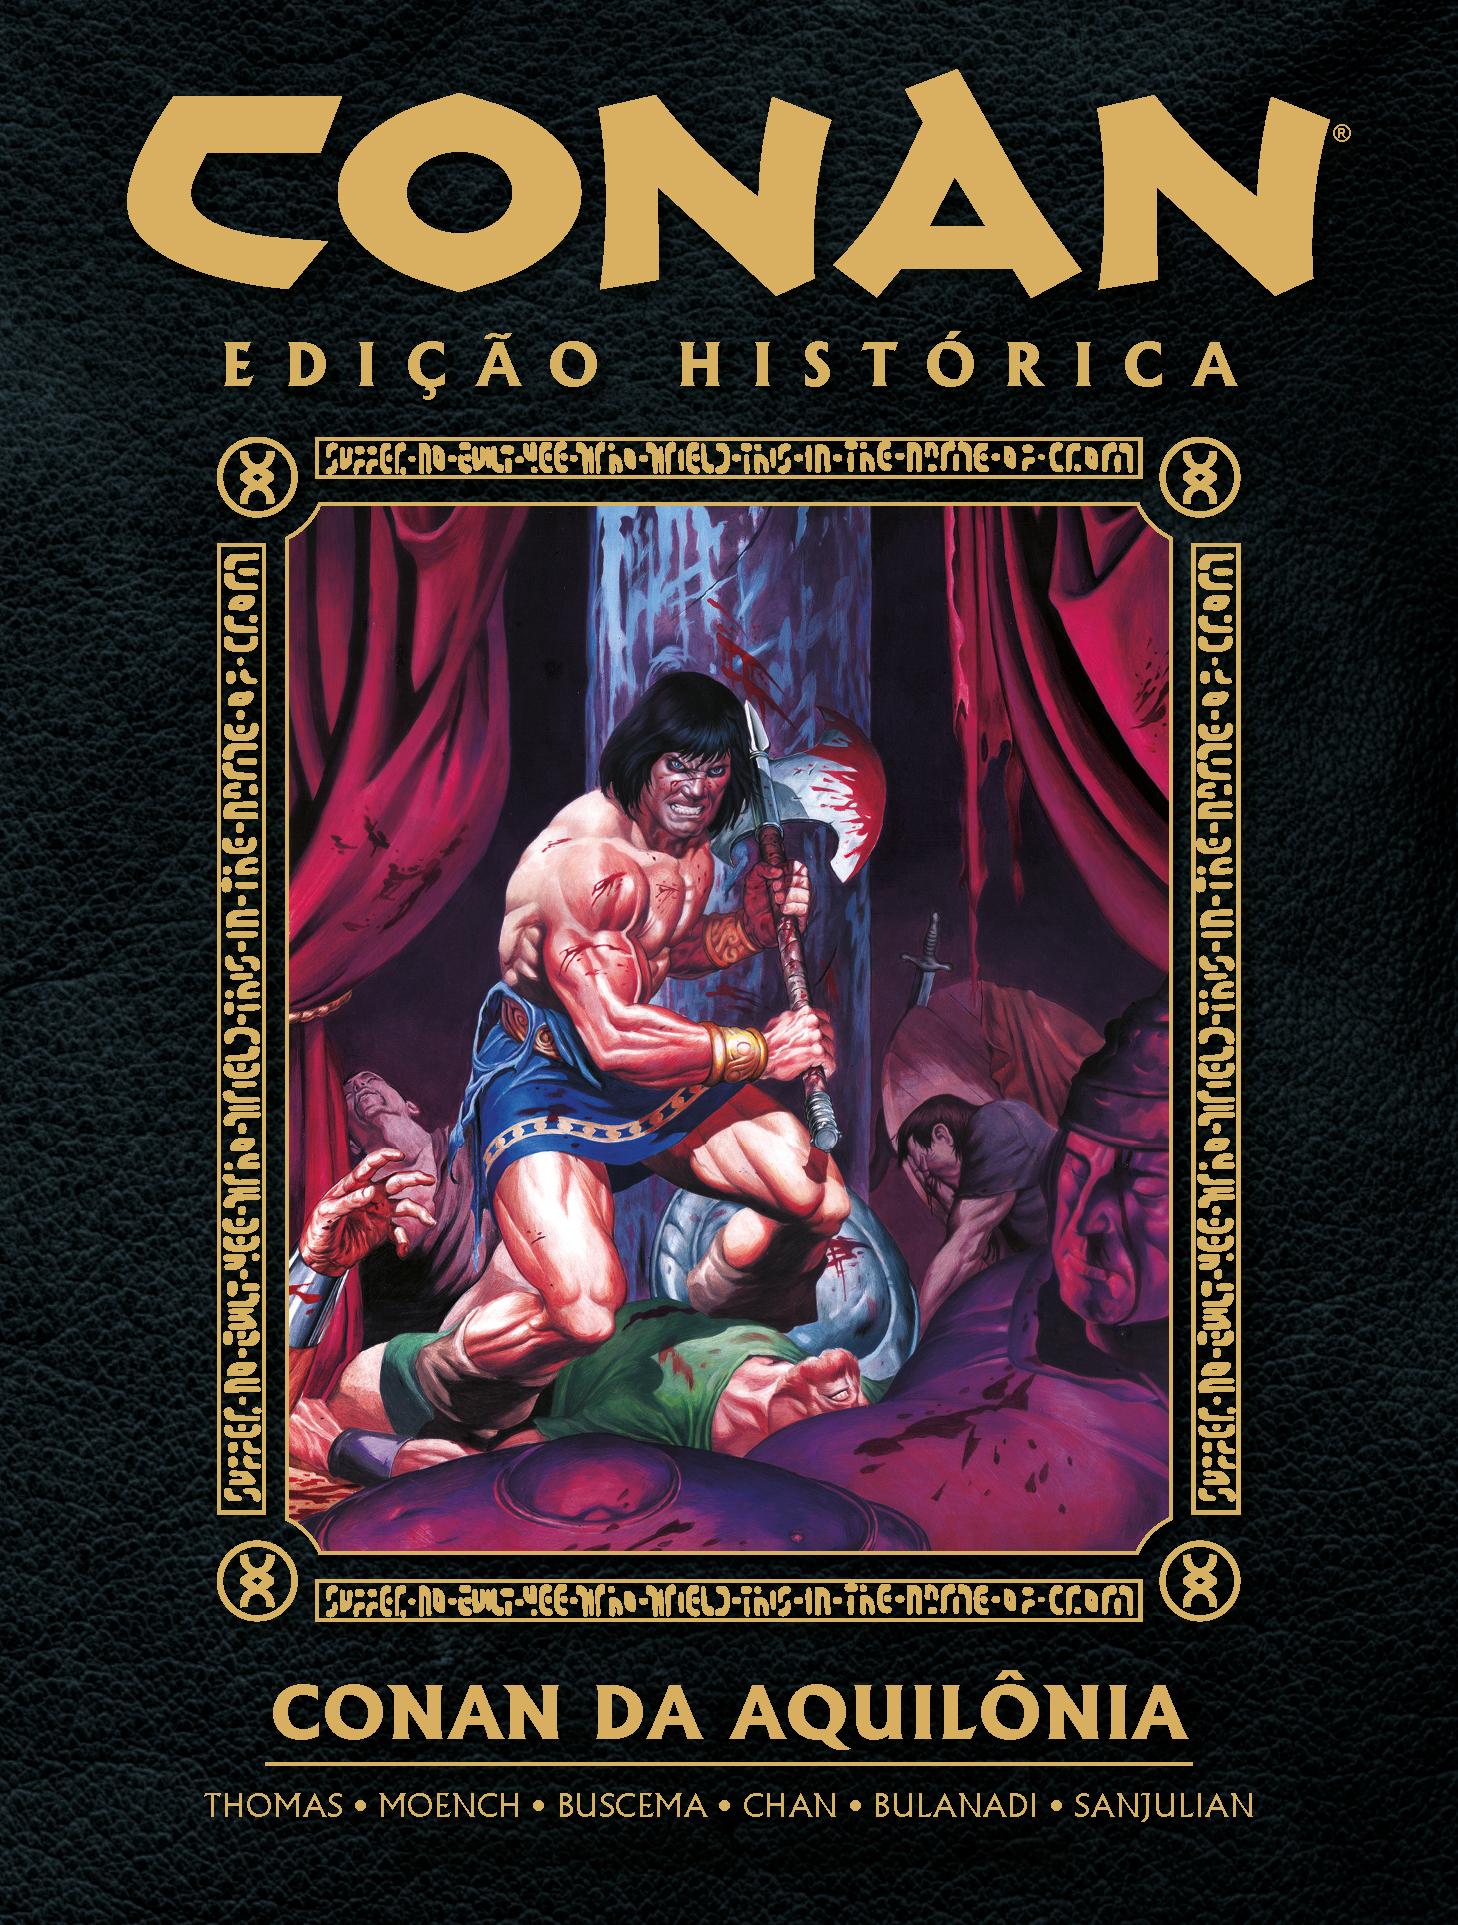 CONAN EDIÇÃO HISTÓRICA Nº 03